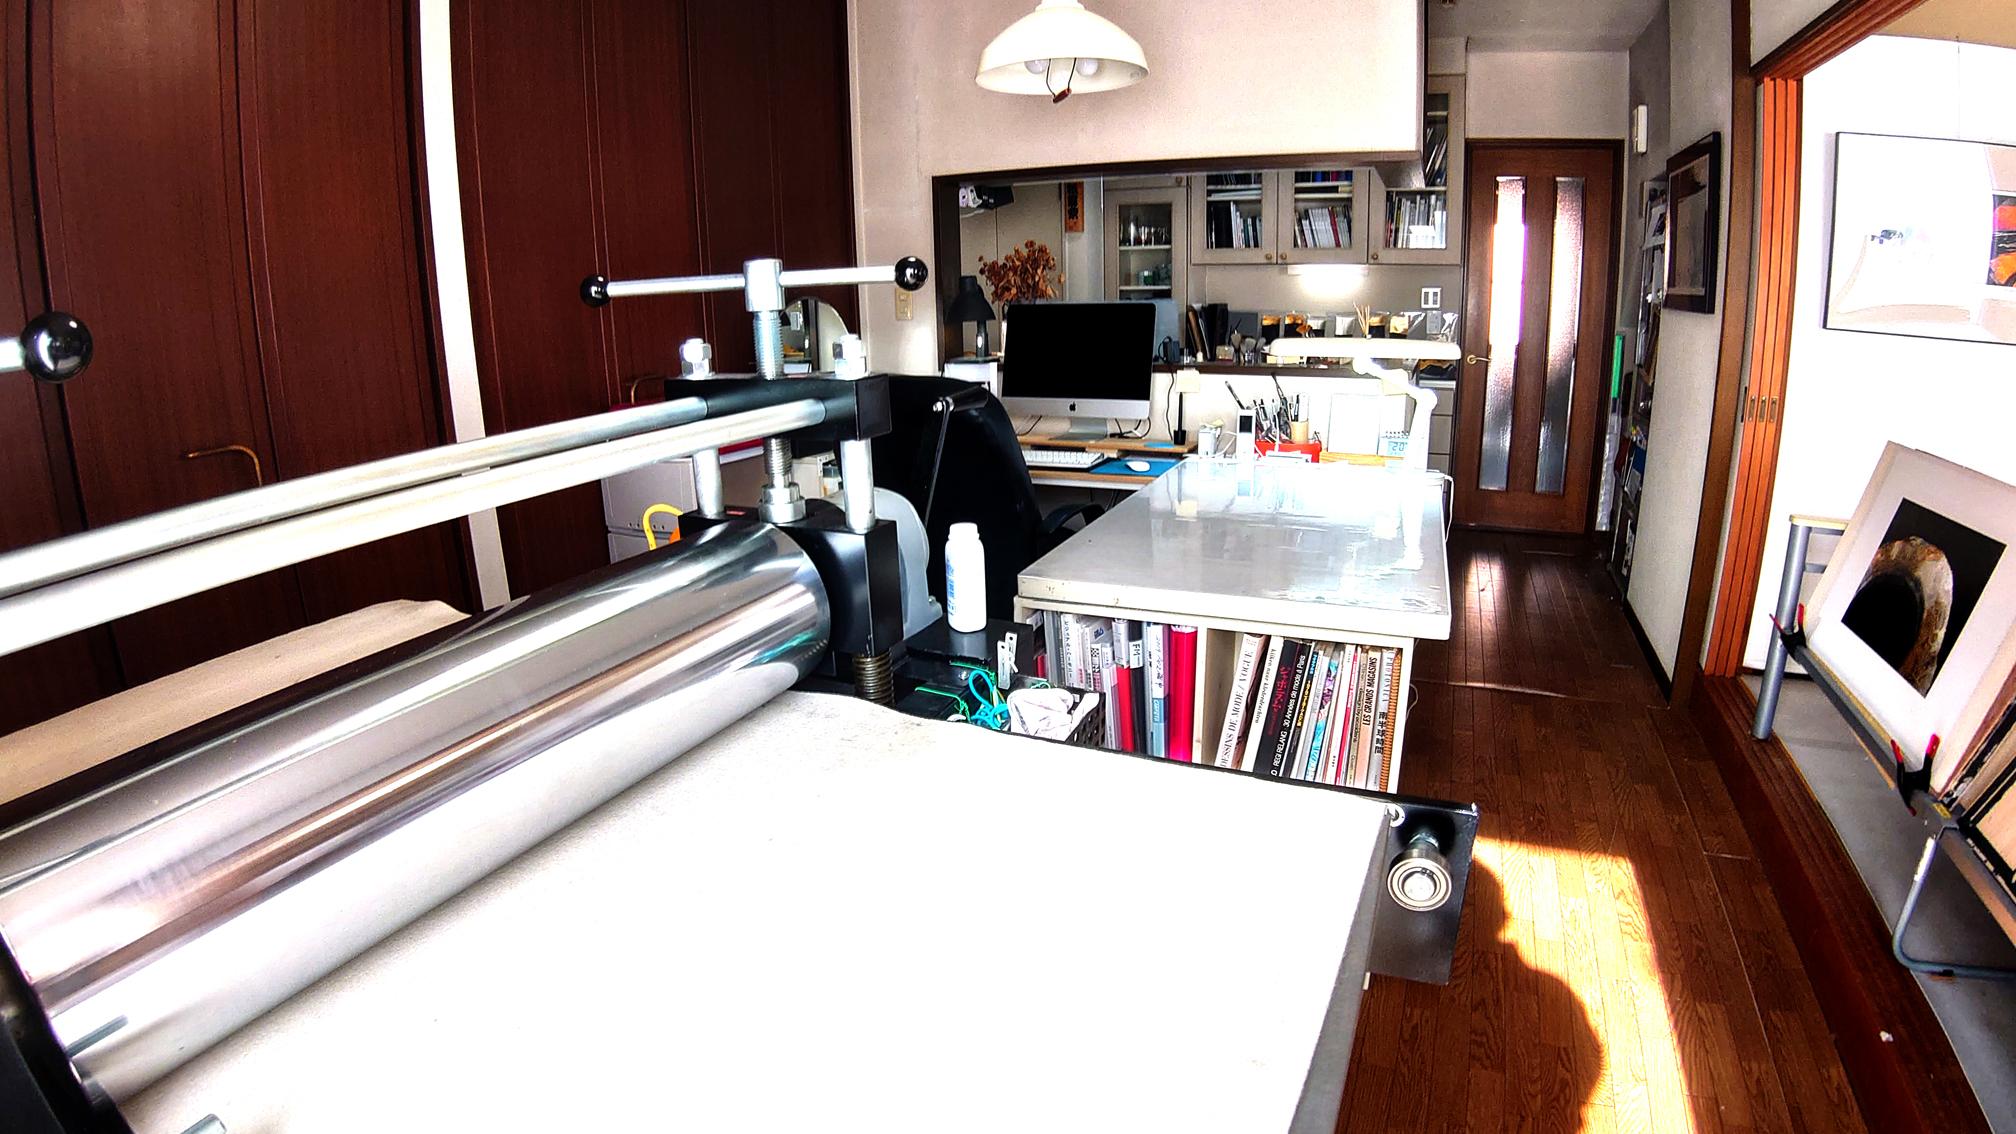 プレス機と私の作業台です。作業台の横には、I MACを1代設置。これで作品を制作します。